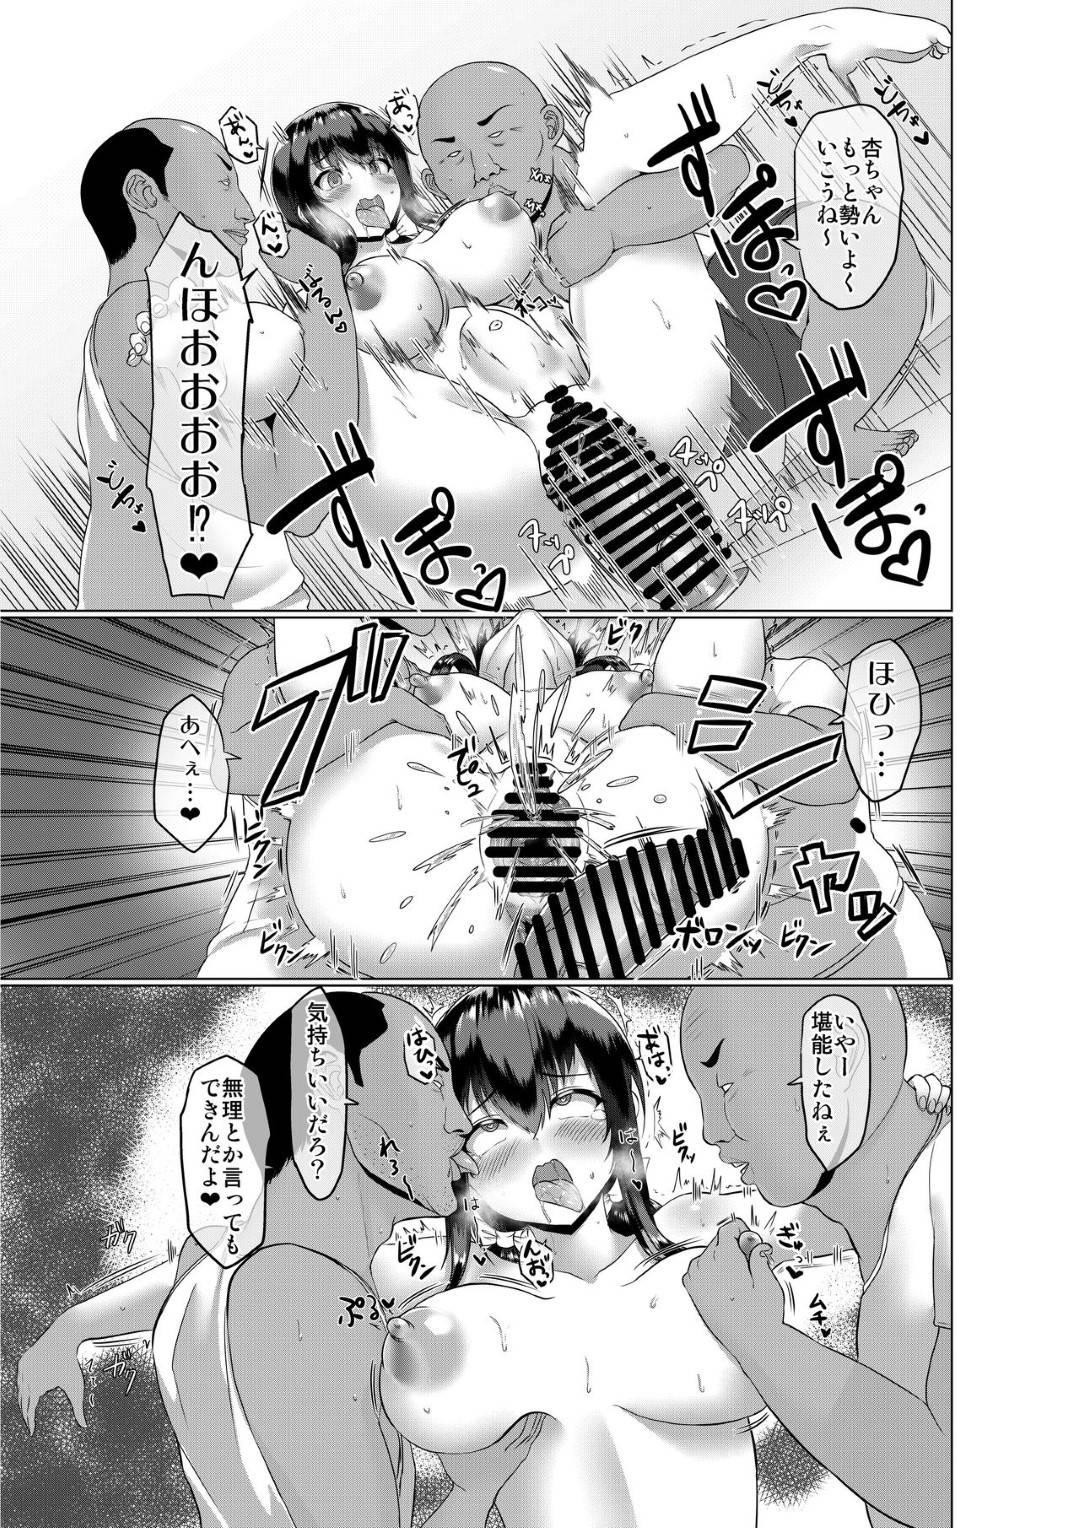 【エロ同人誌】男達のオナホ便器になりながら配信する巨乳JK…配信しながらオナニーで痙攣潮吹きアクメ!男2人から何度も犯され2つのデカマラをぶっ刺さてイキ狂う!【オリジナル】